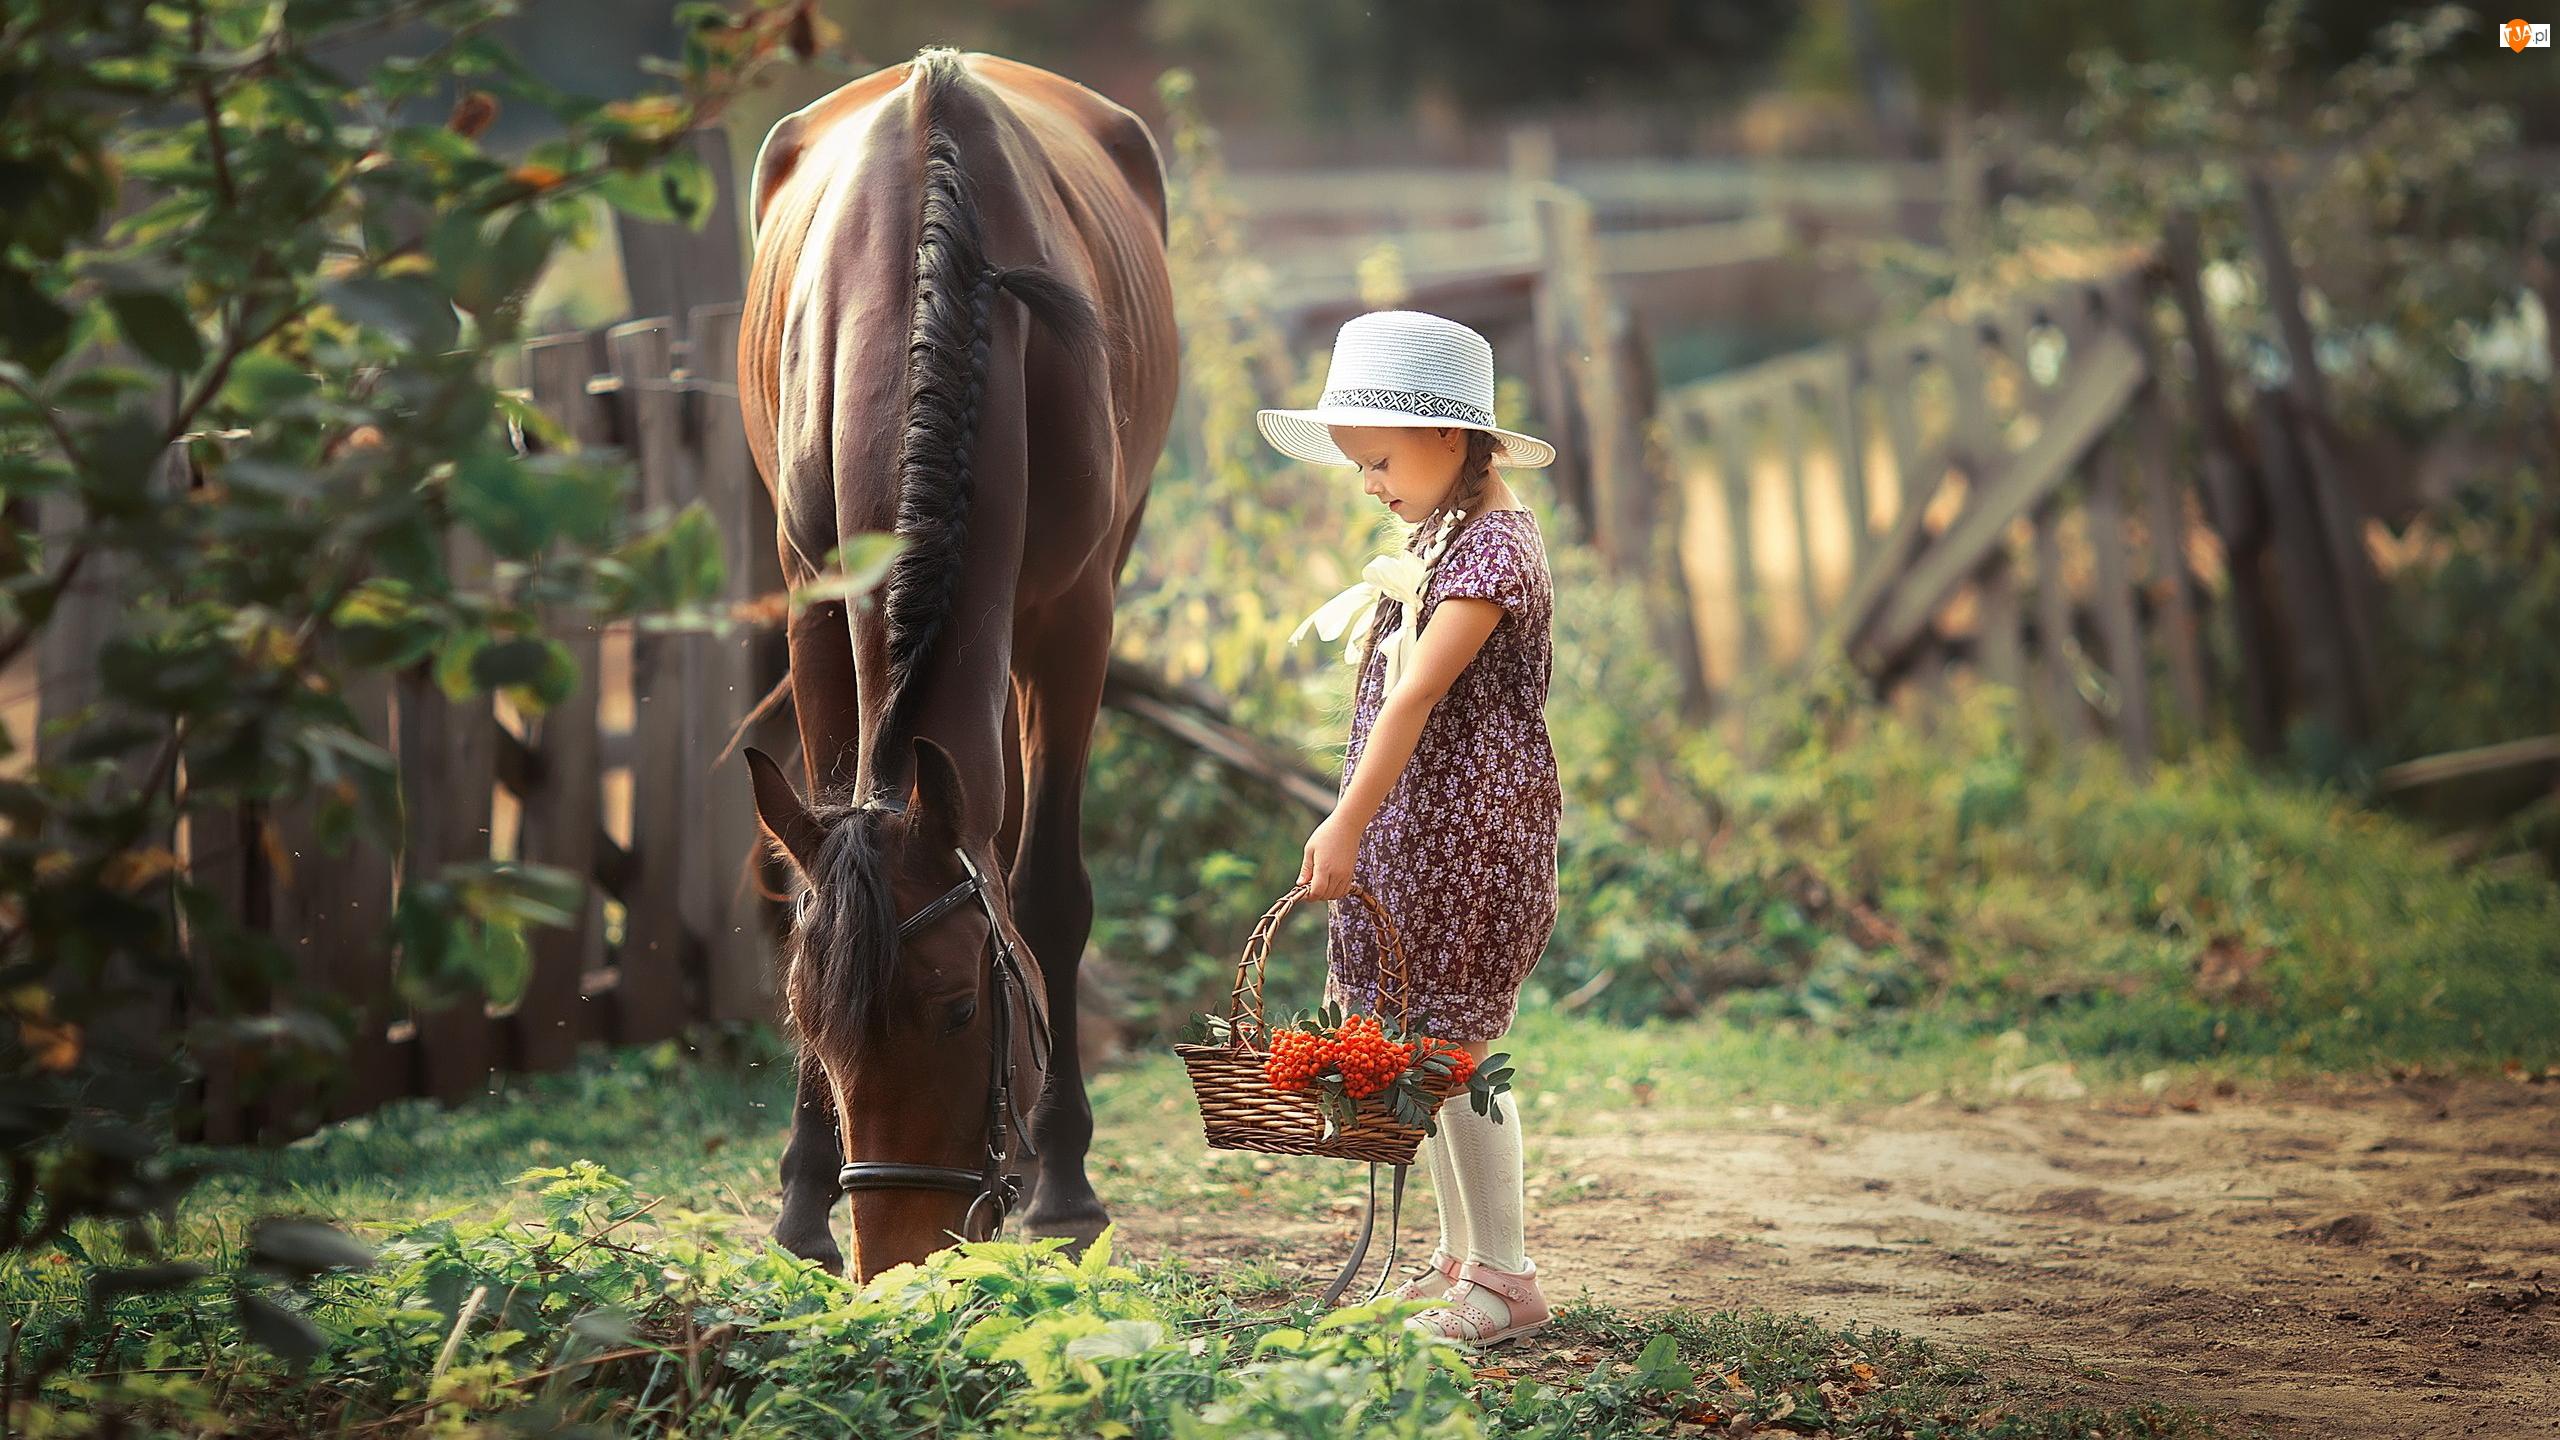 Koszyk, Koń, Dziewczynka, Kapelusz